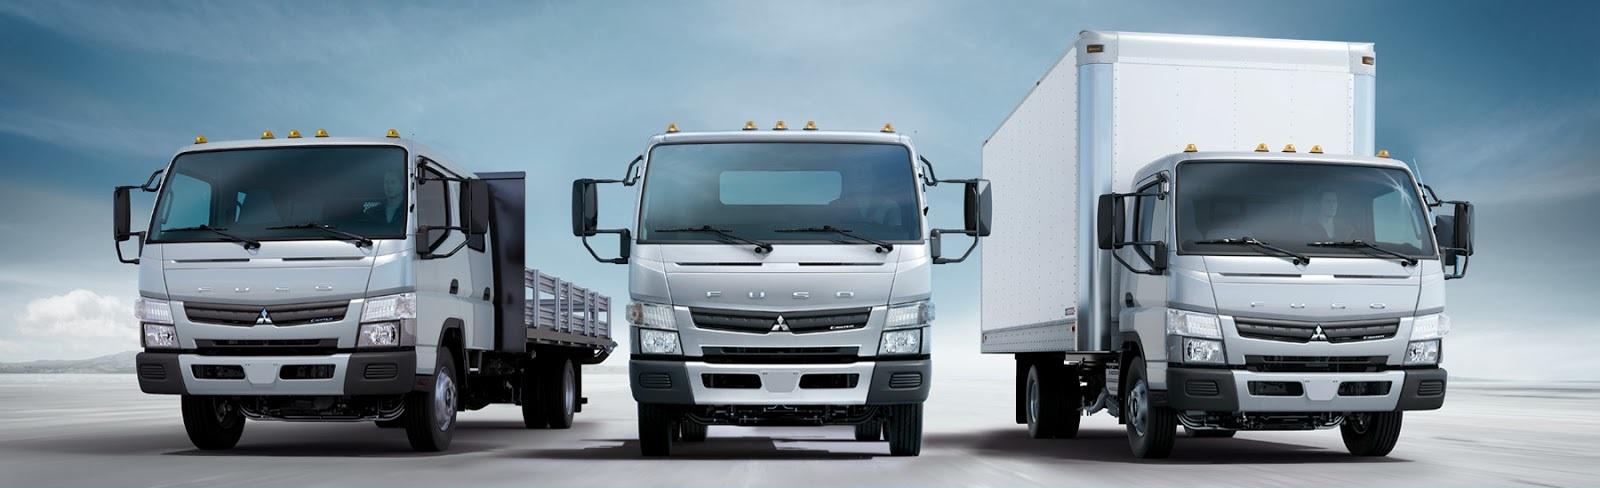 Cho thê xe tải 8 đến 20 tấn